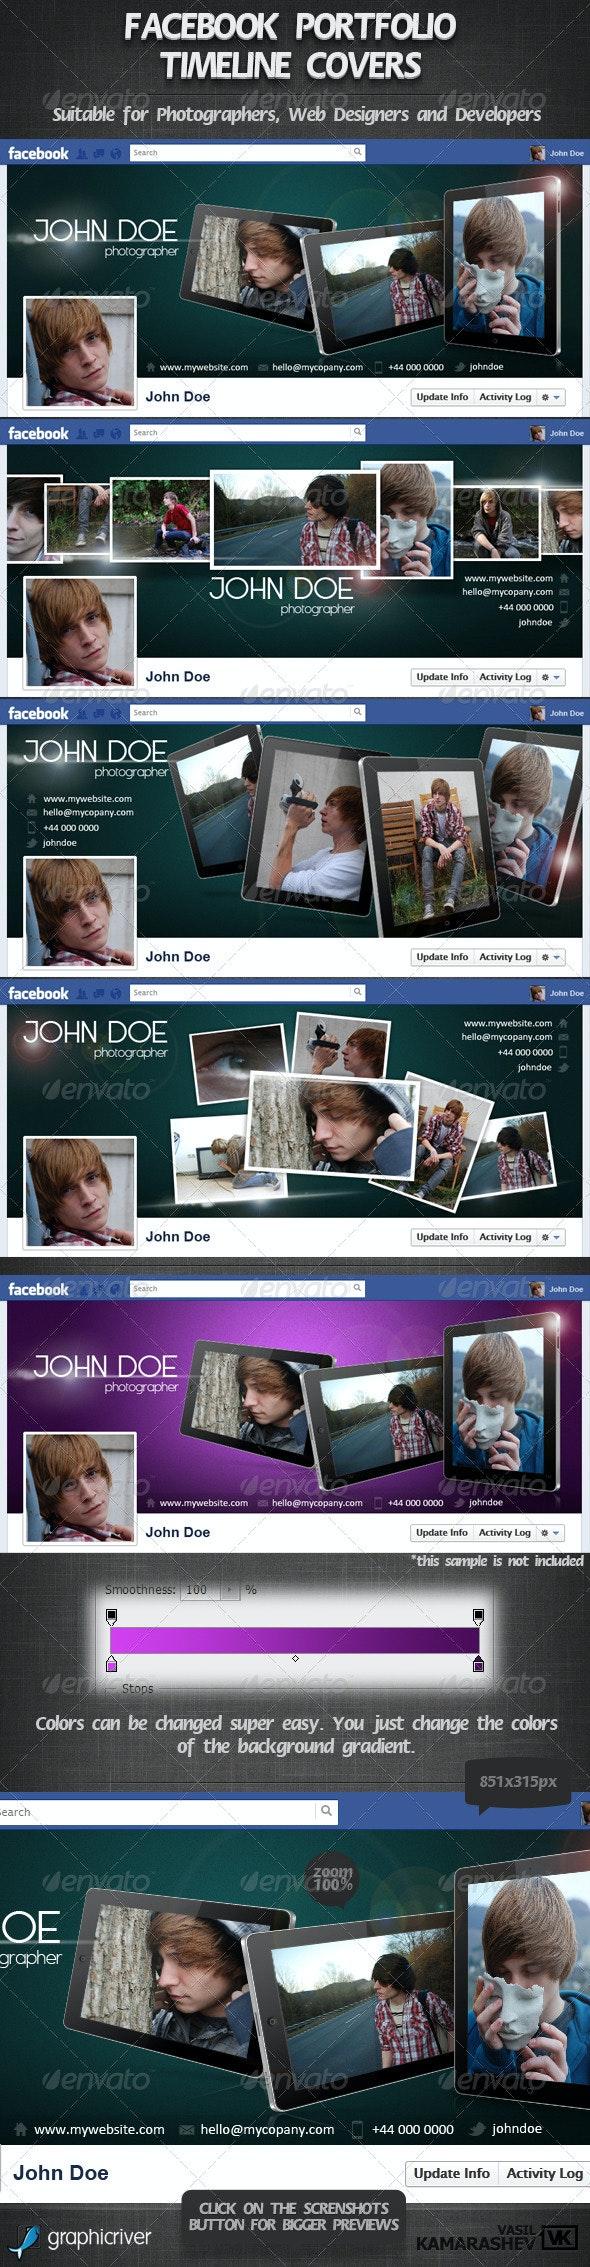 Facebook Portfolio Timeline Covers - Facebook Timeline Covers Social Media